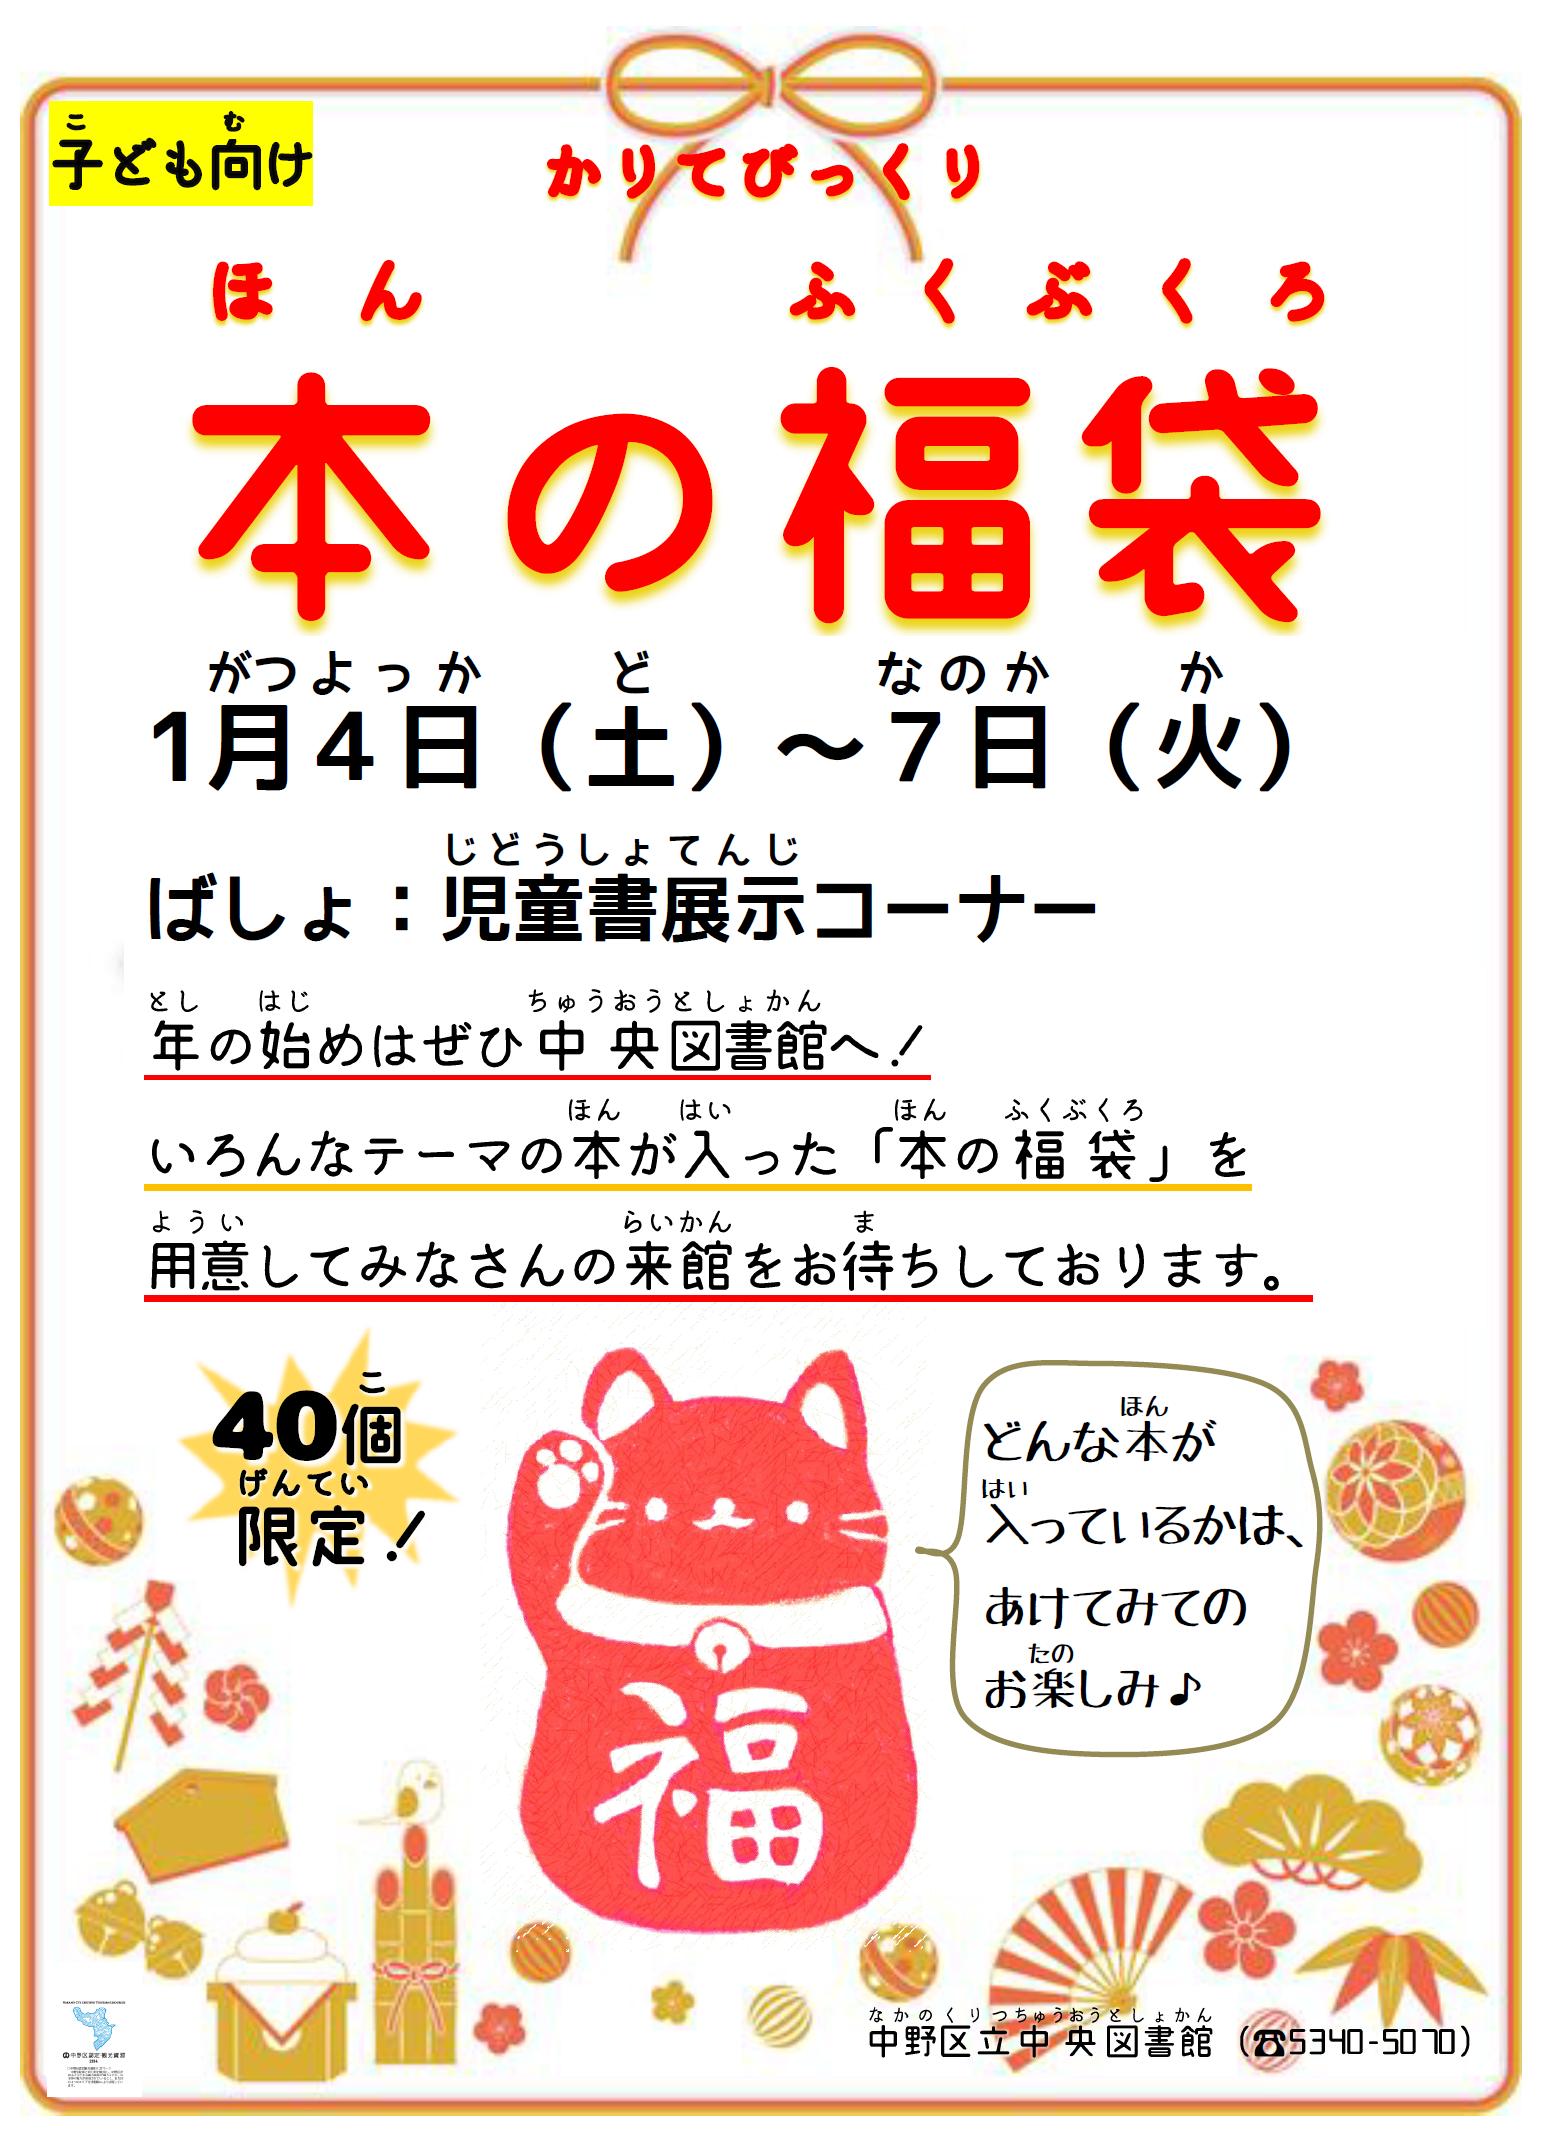 子ども向け本の福袋のポスター